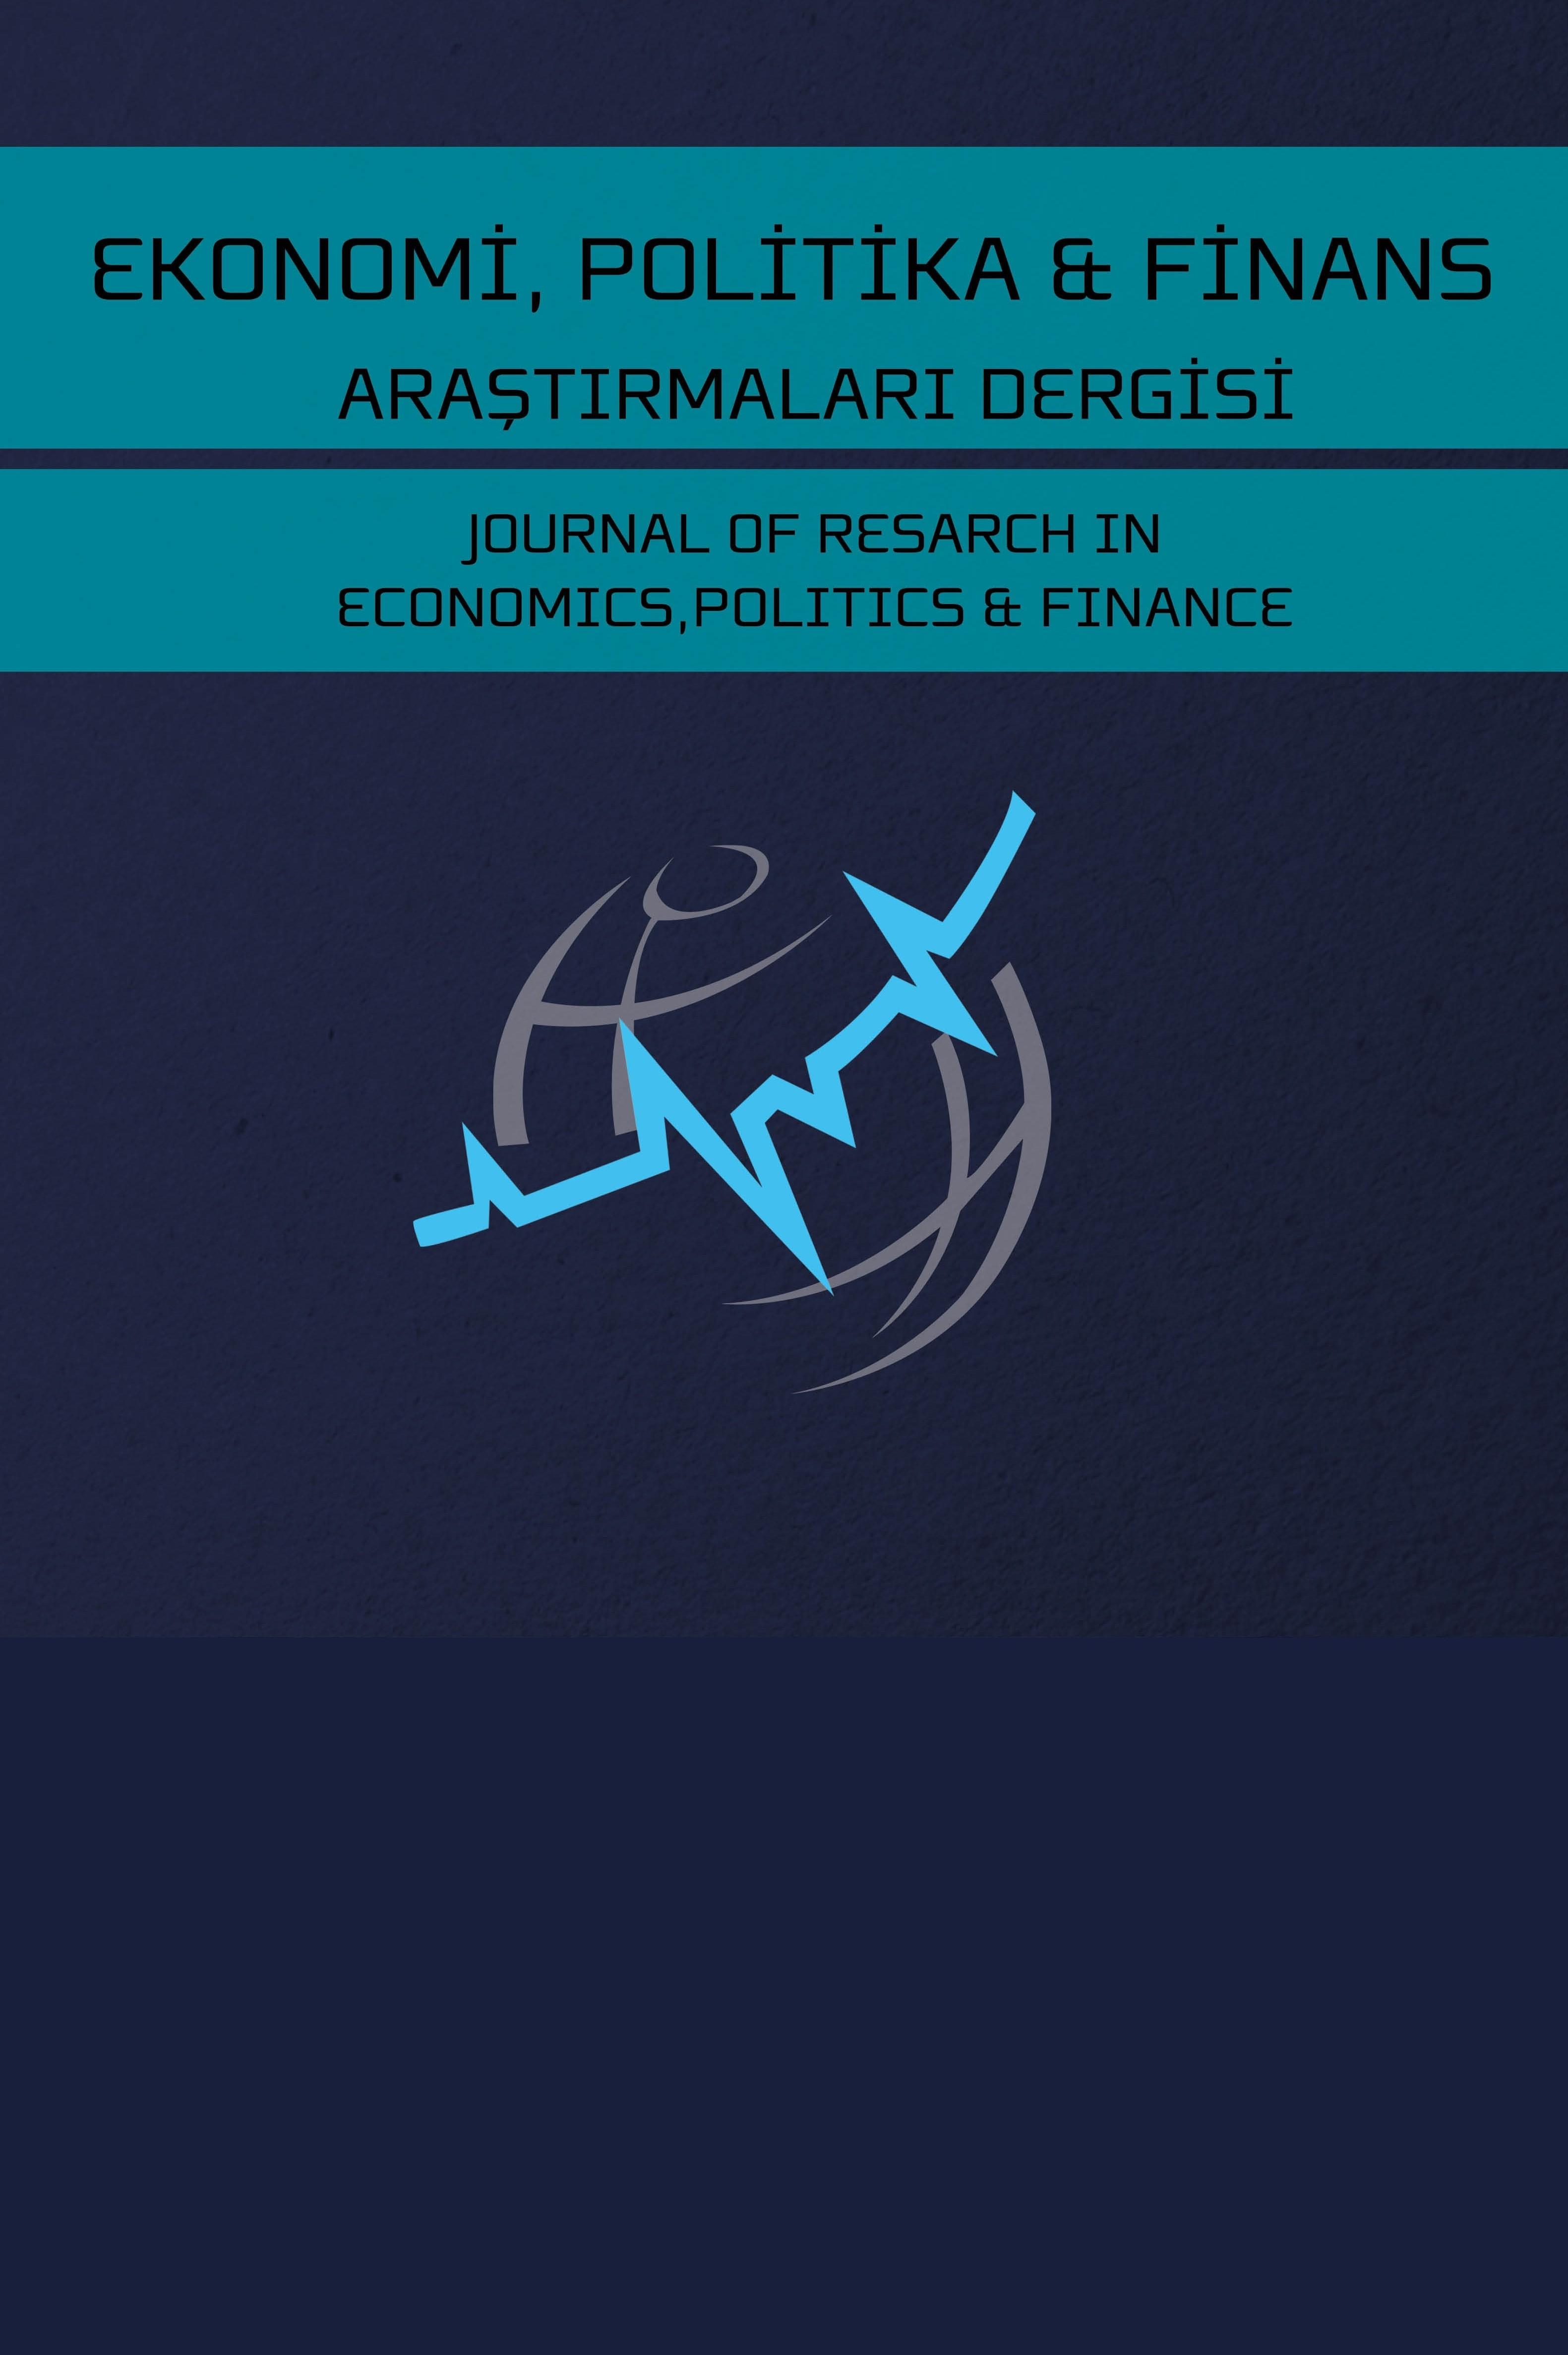 Ekonomi, Politika & Finans Araştırmaları Dergisi